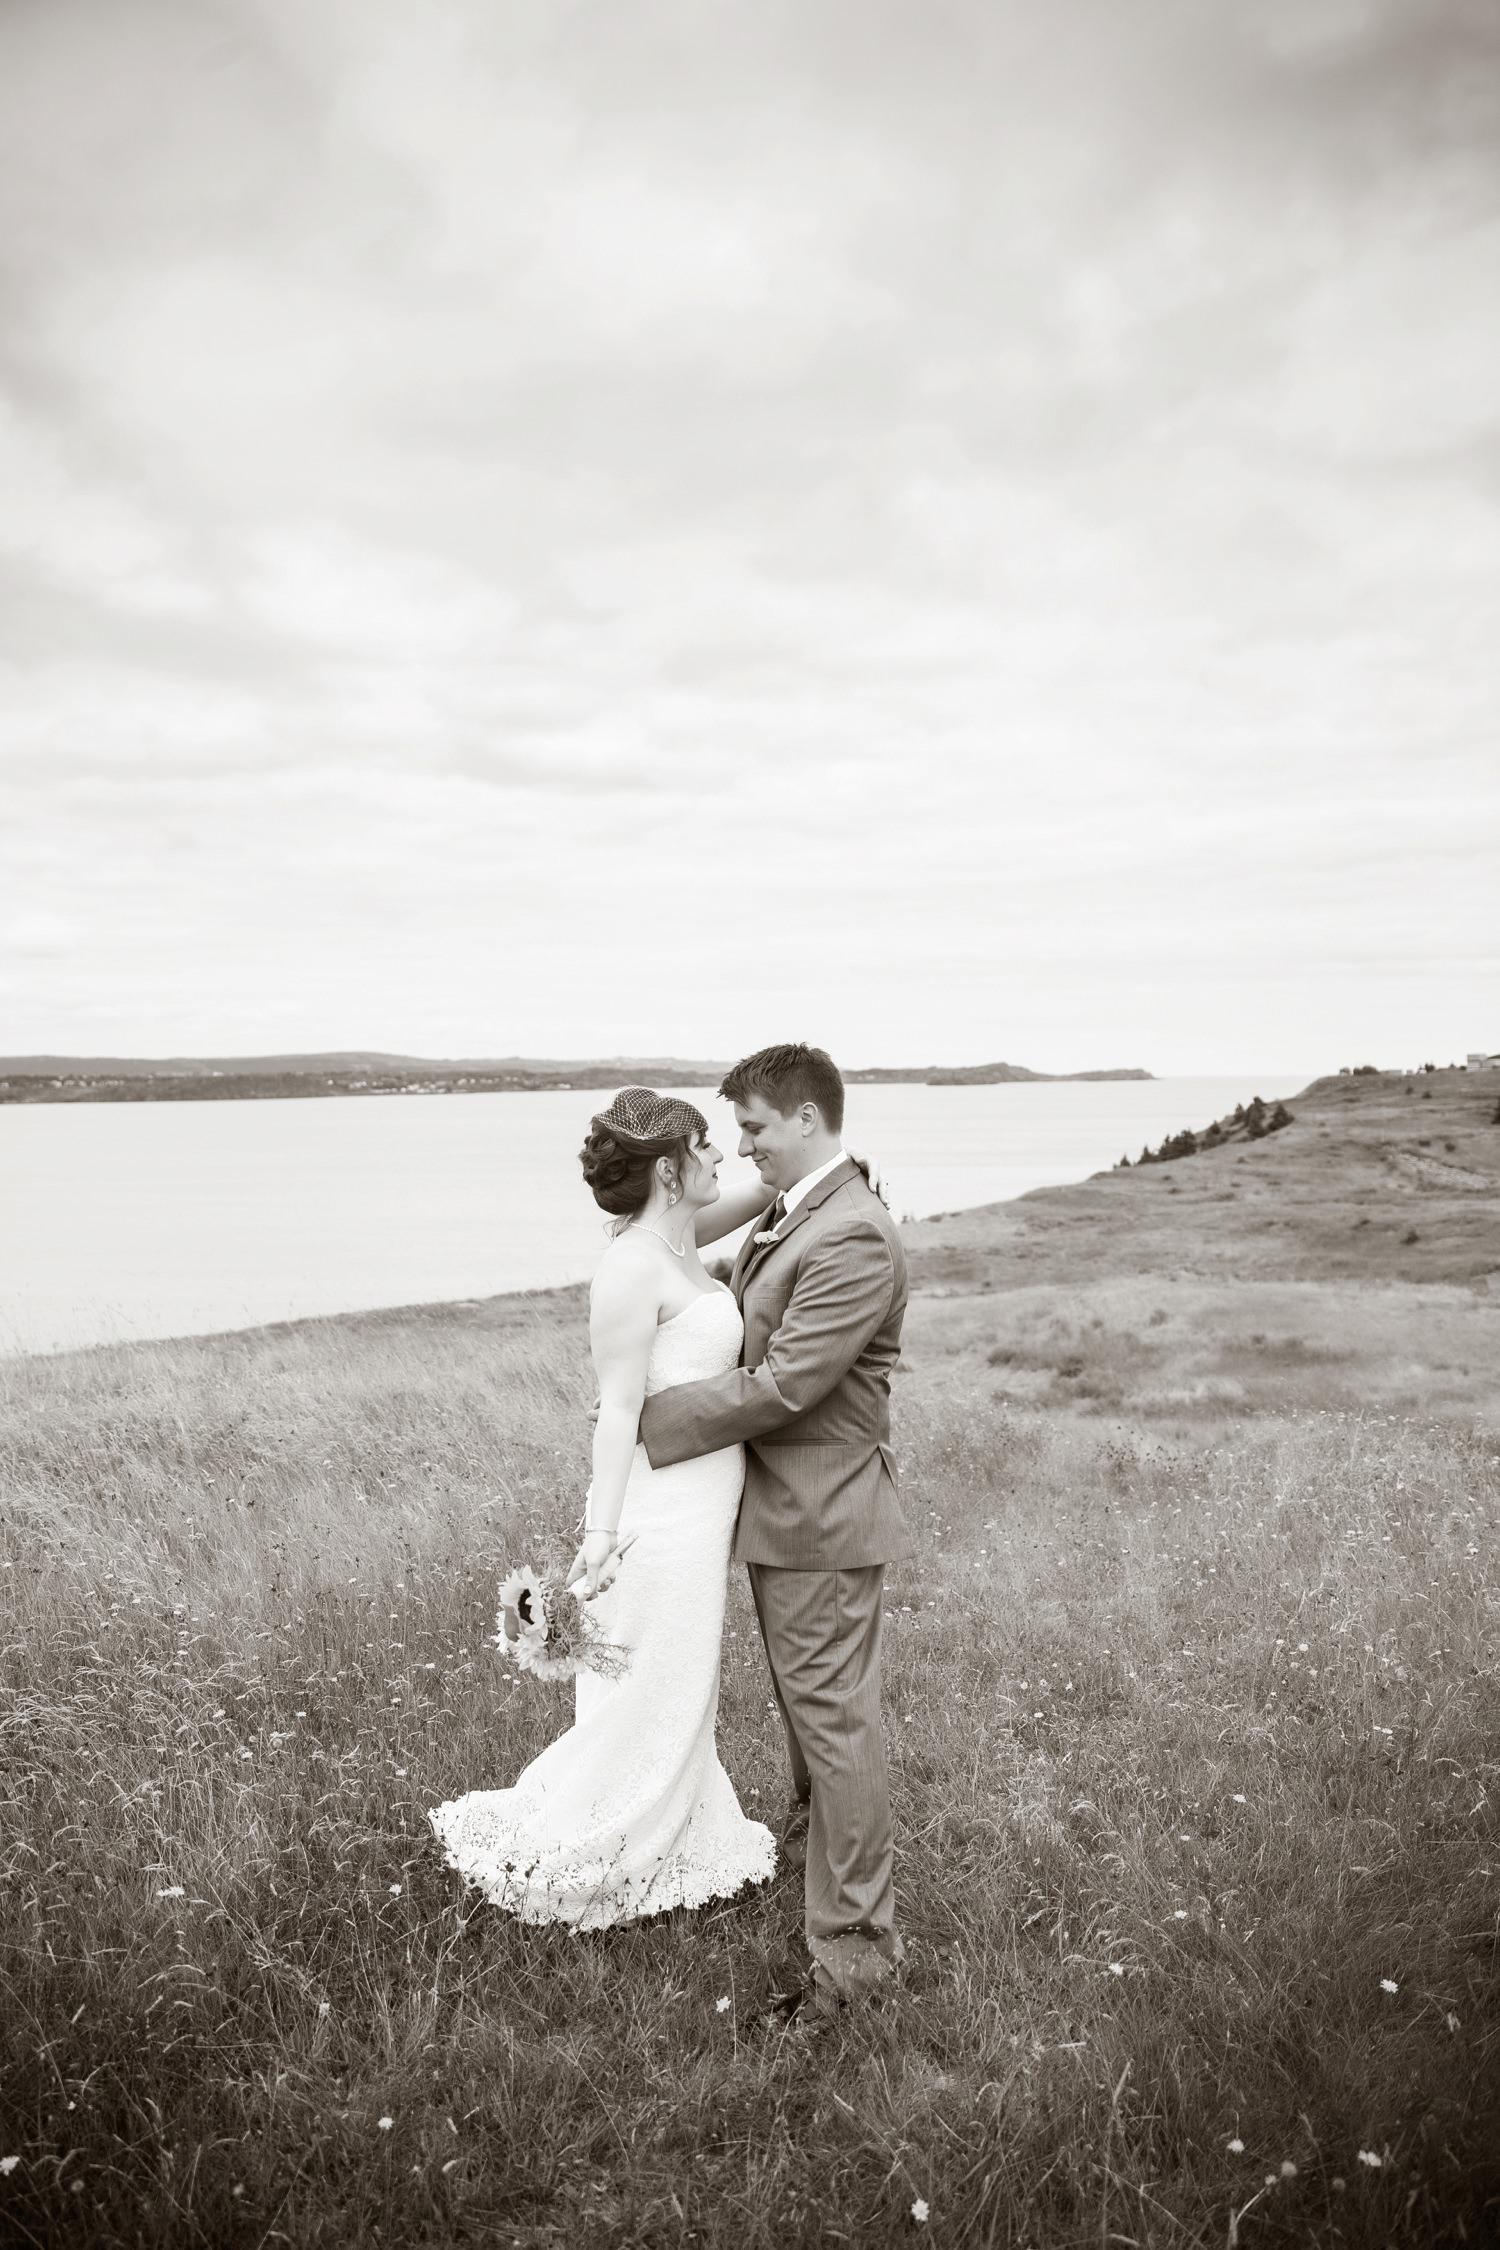 St Johns Newfoundland Wedding Photographers Newfoundland Engagement Photographers Jennifer Dawe Photography 0751 Bareneed Newfoundland Wedding   Joy and Michael   Jennifer Dawe Photography